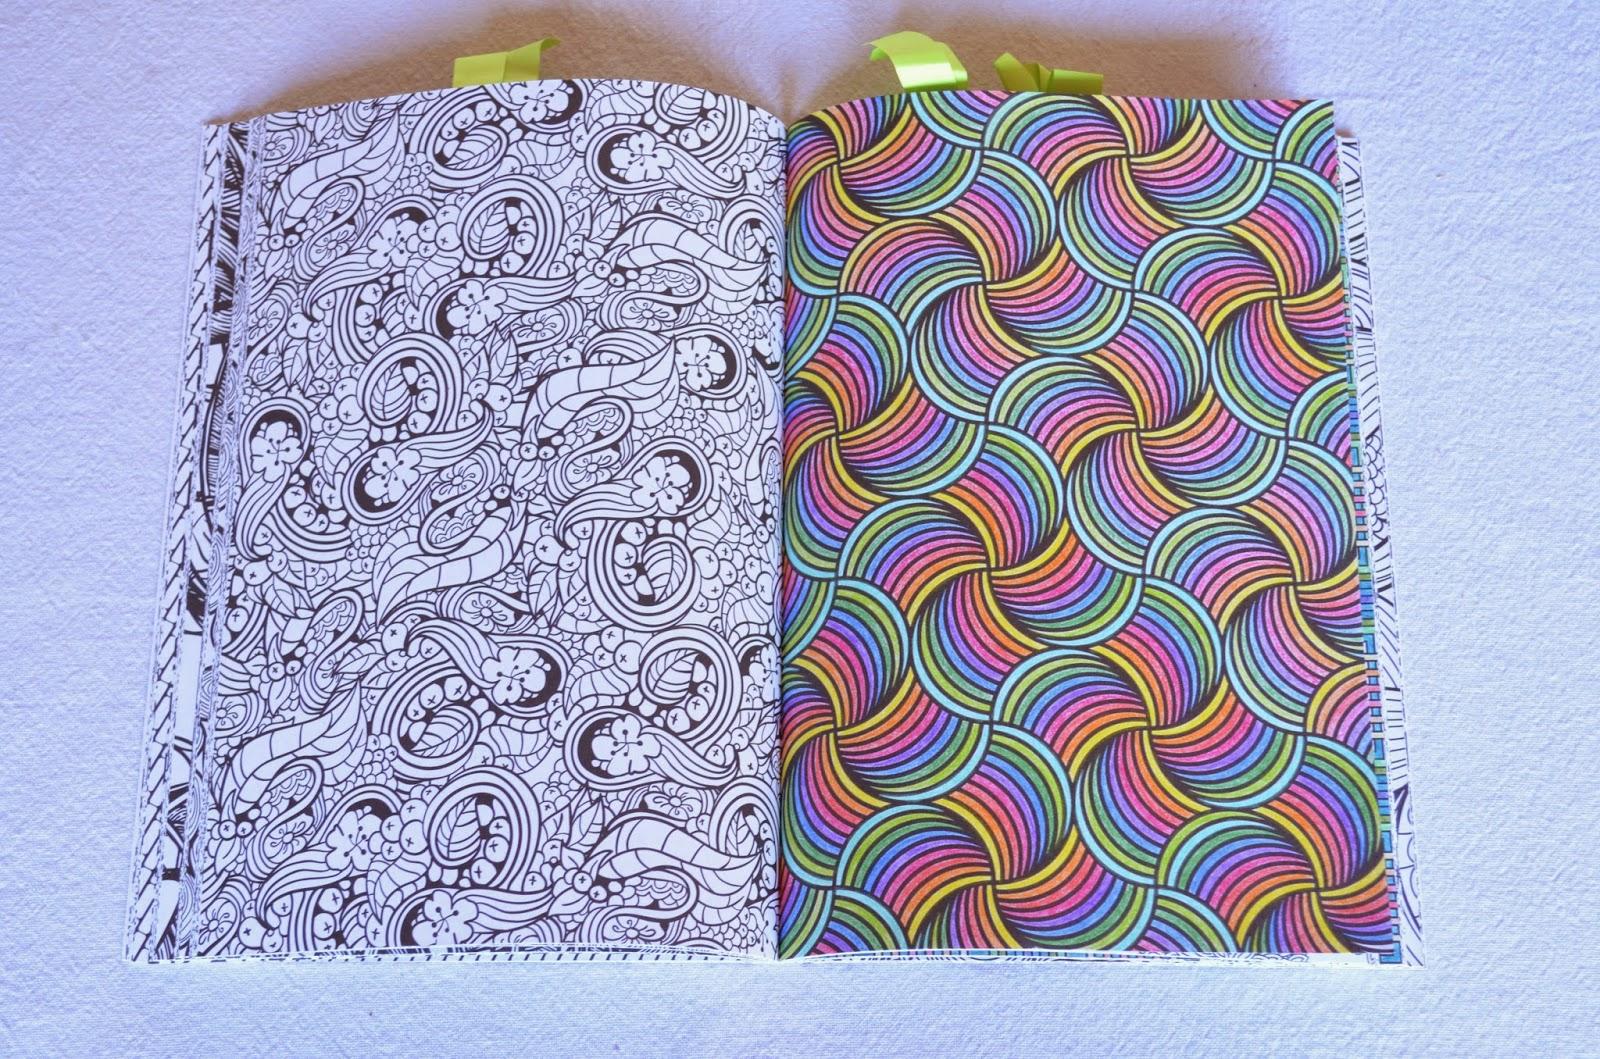 Kleurplaten Volwassenen Ingekleurd.Kleurvitality Nessy S Artwork Kleurboeken Review